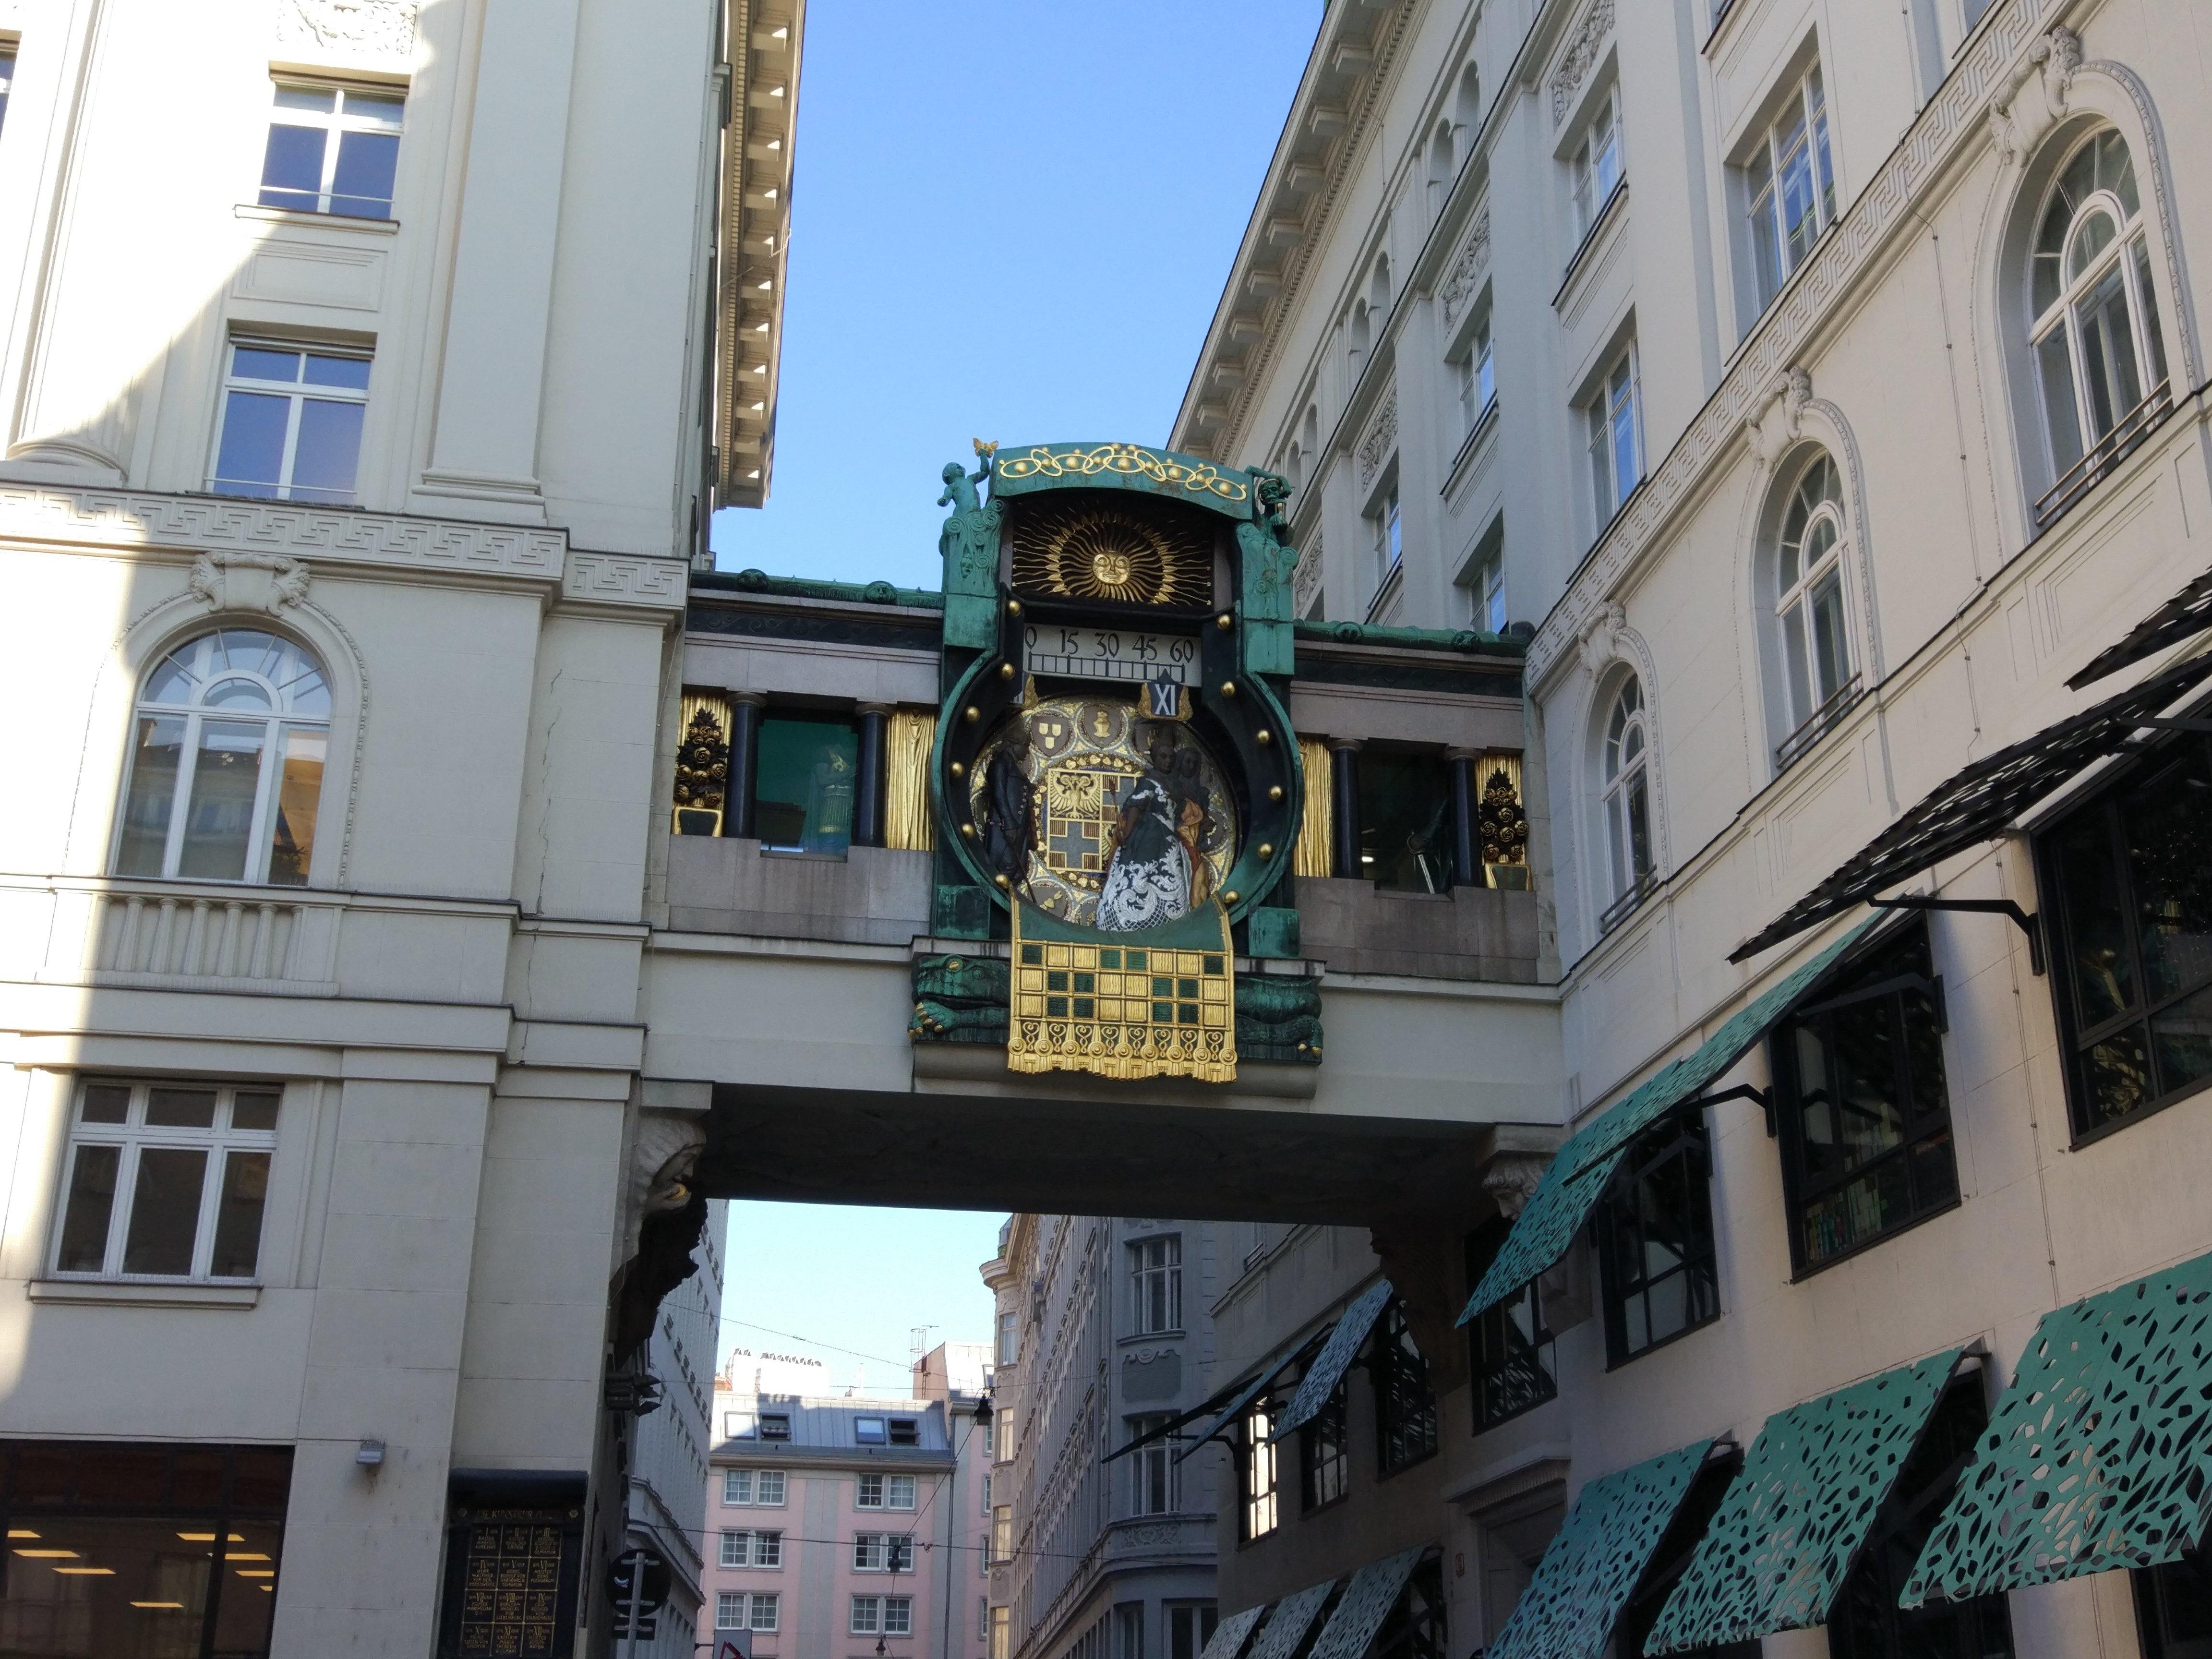 L'orologio a carillon Ankeruhr